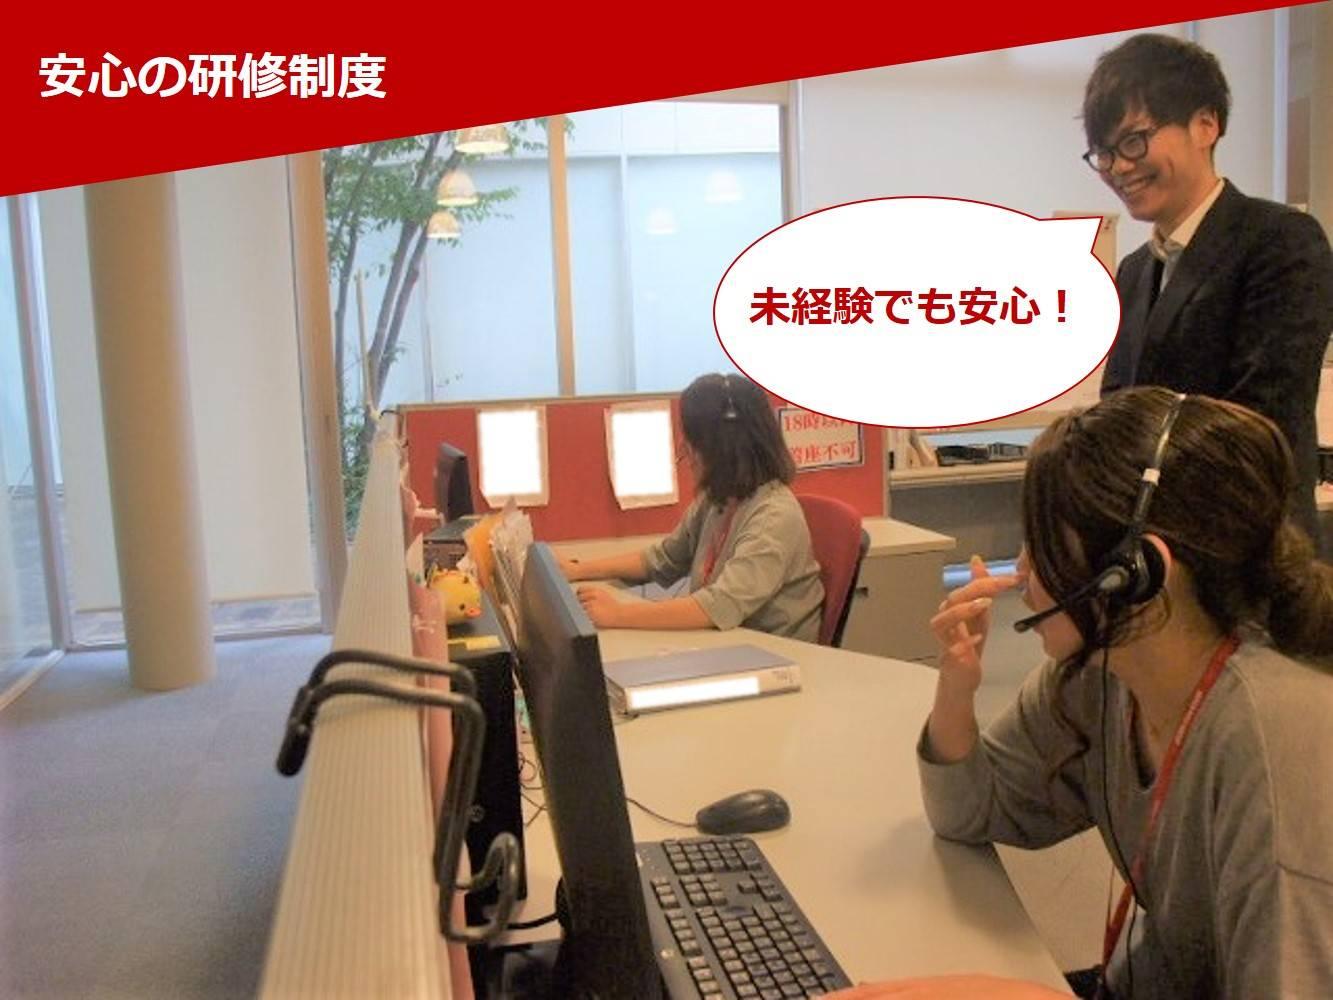 JPツーウェイコンタクト株式会社  鳥取プロスペリティセンター